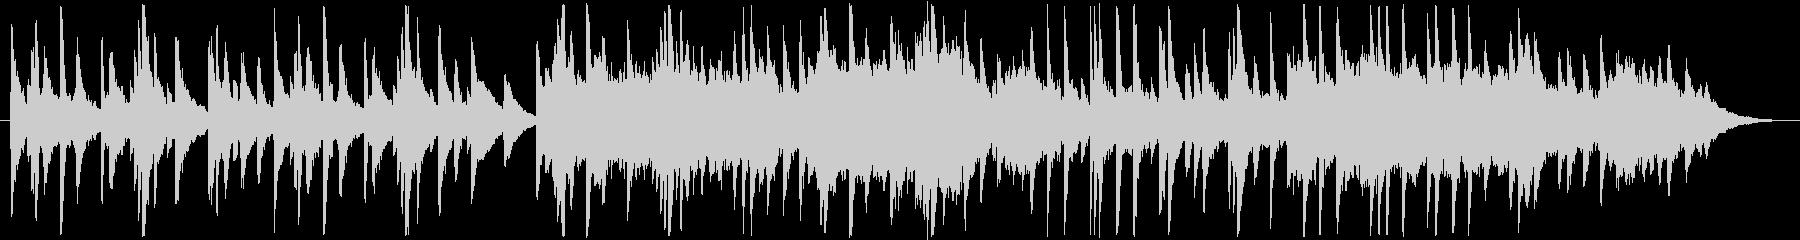 優しく穏やかなピアノメインのBGMの未再生の波形